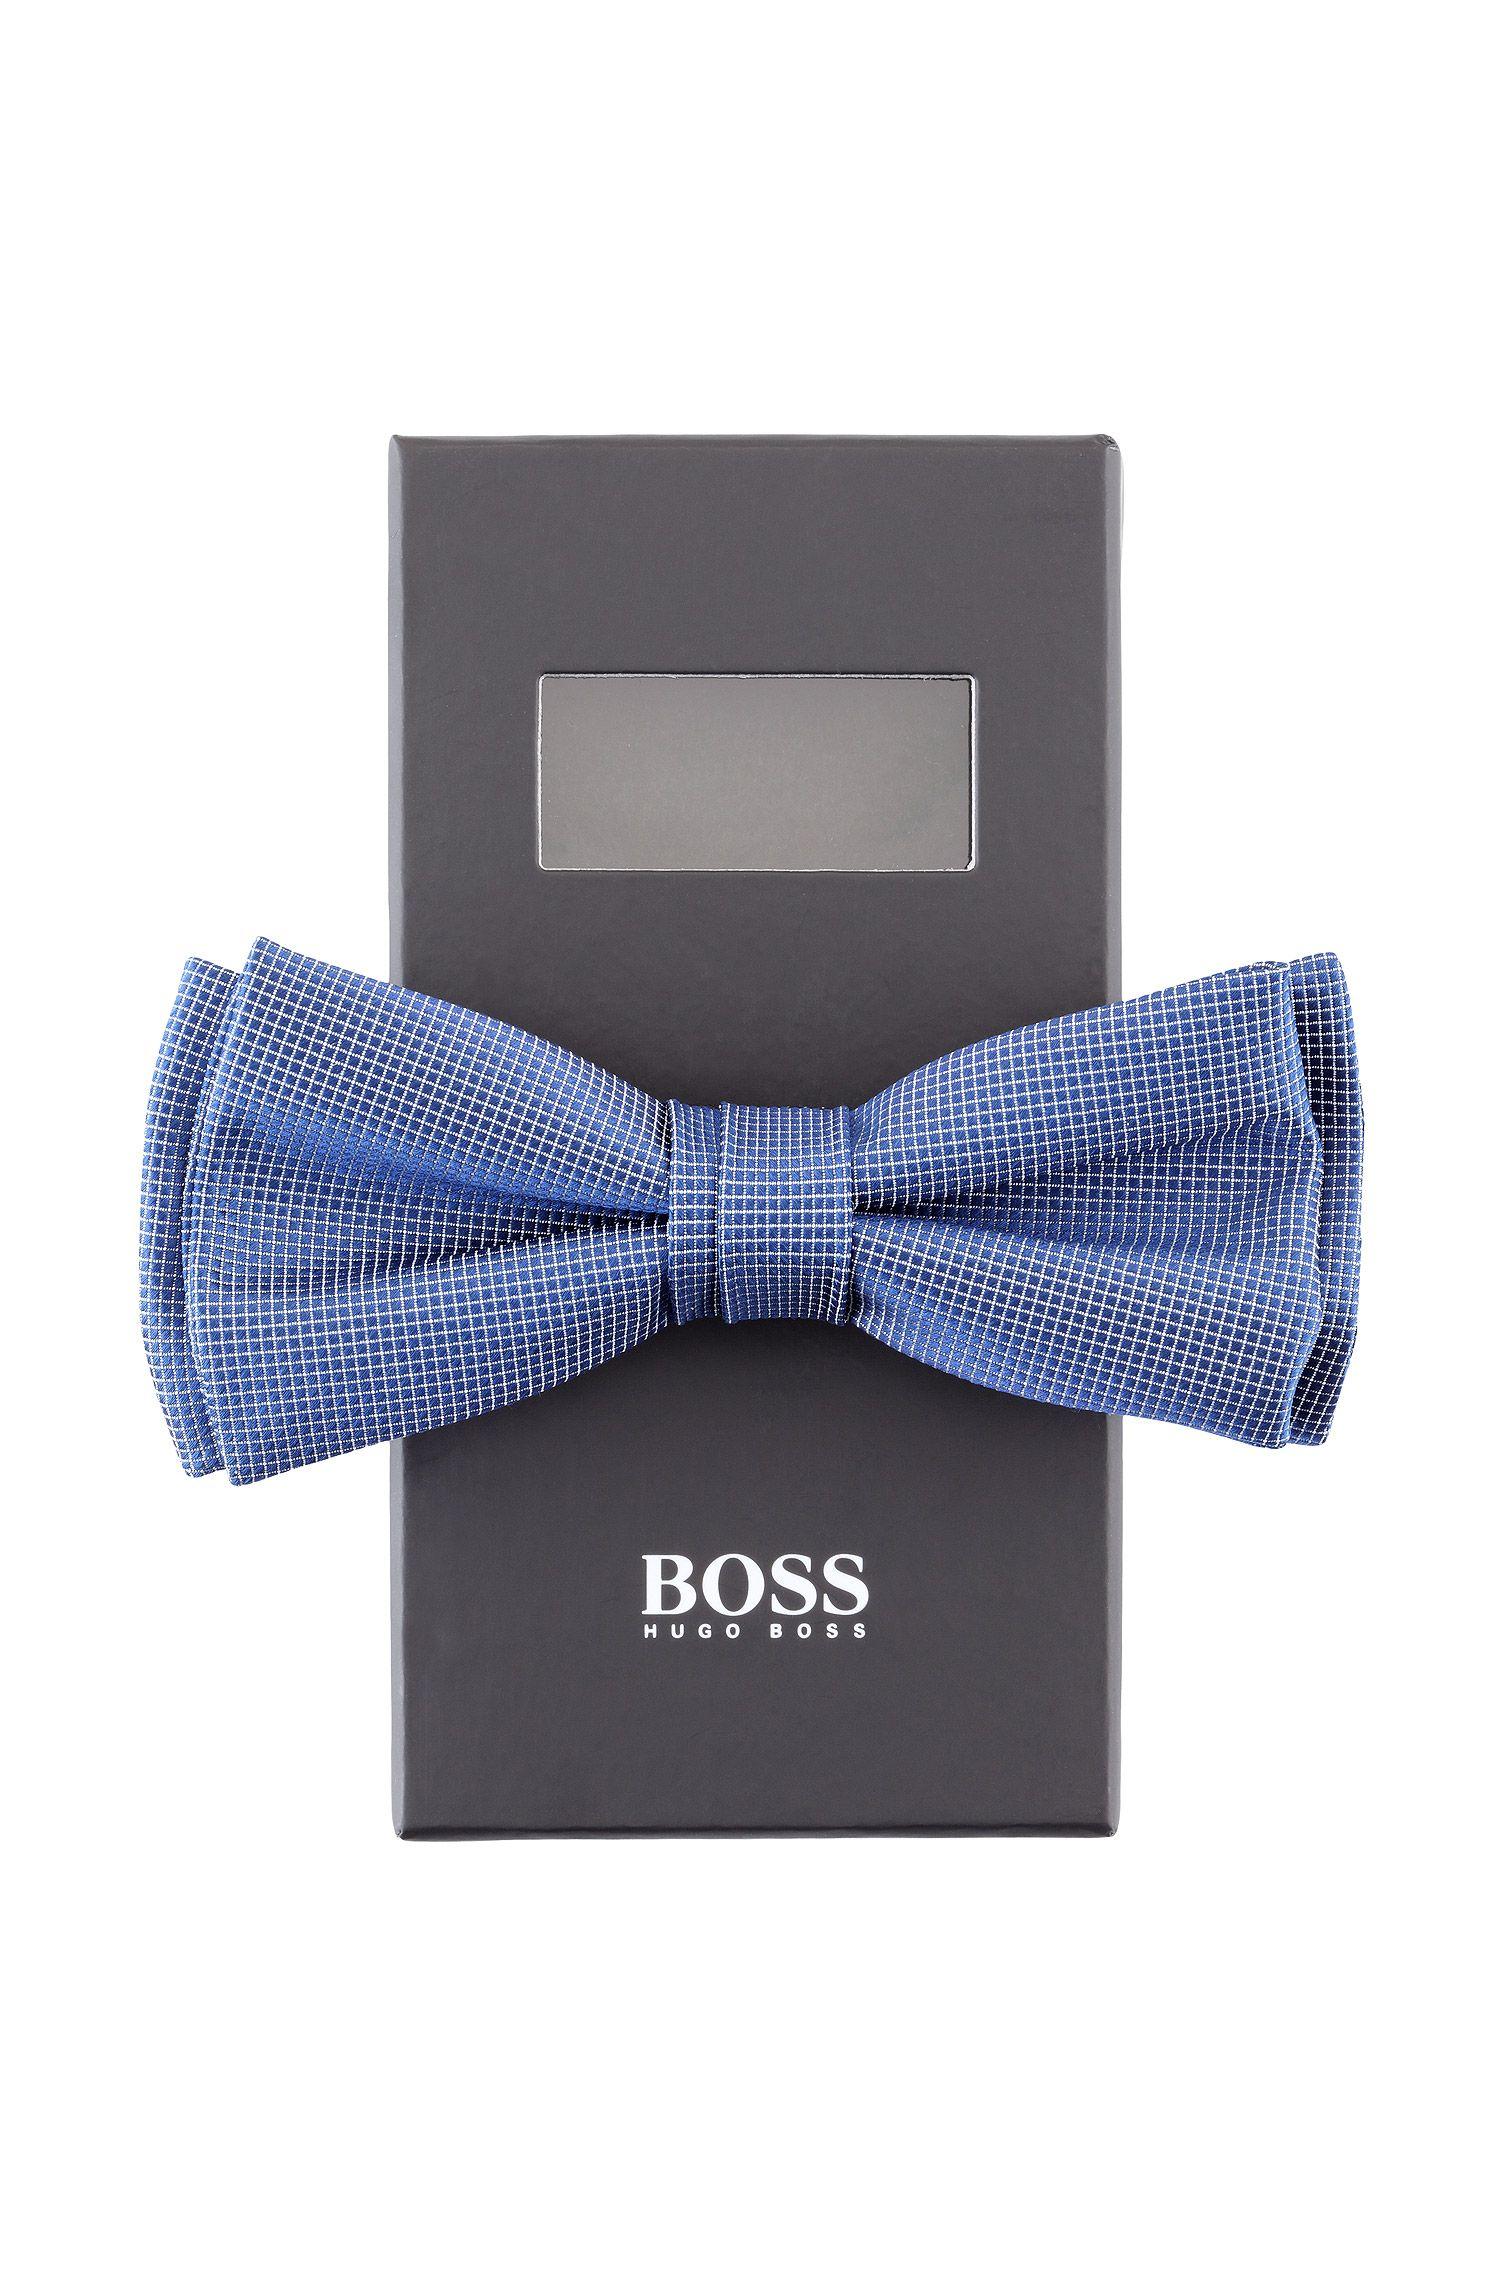 Nœud papillon soie supérieure, Bow tie fashion